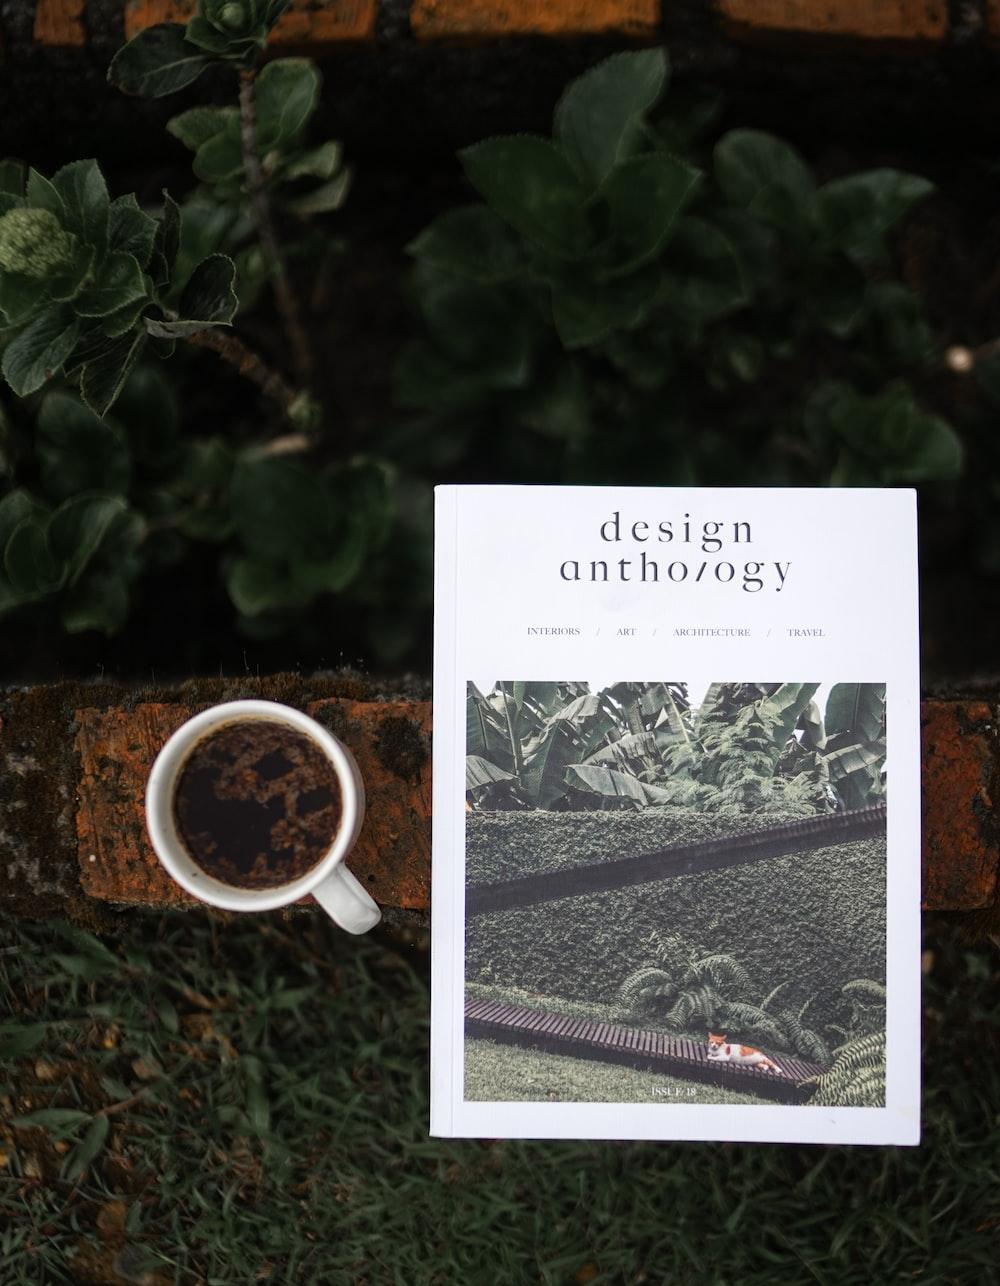 Design anthology book